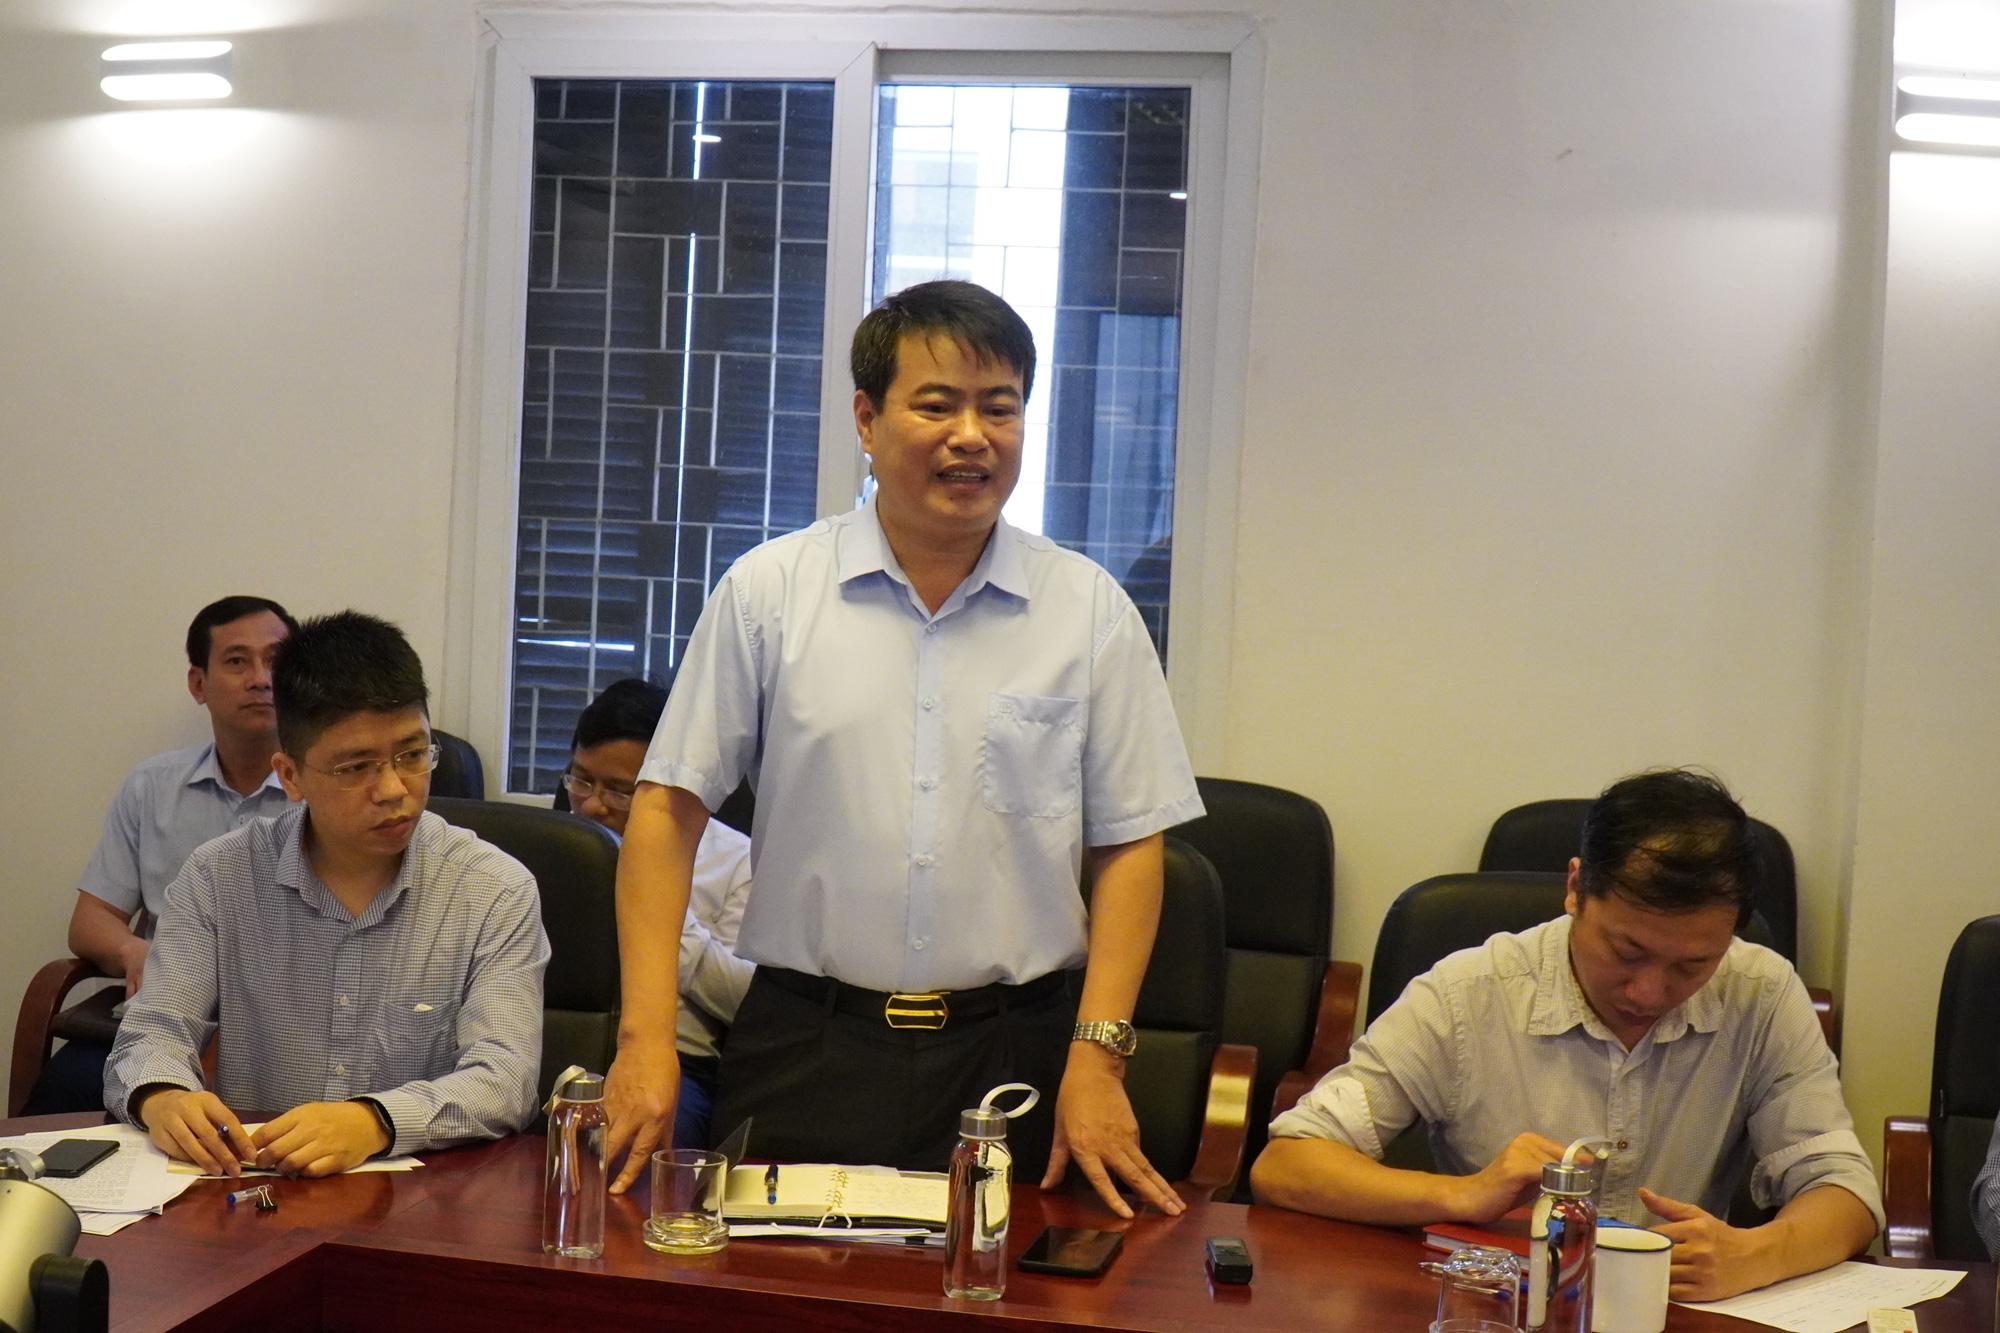 Doanh nghiệp đồng tình ngừng xuất khẩu để bình ổn giá phân bón DAP, MAP - Ảnh 3.